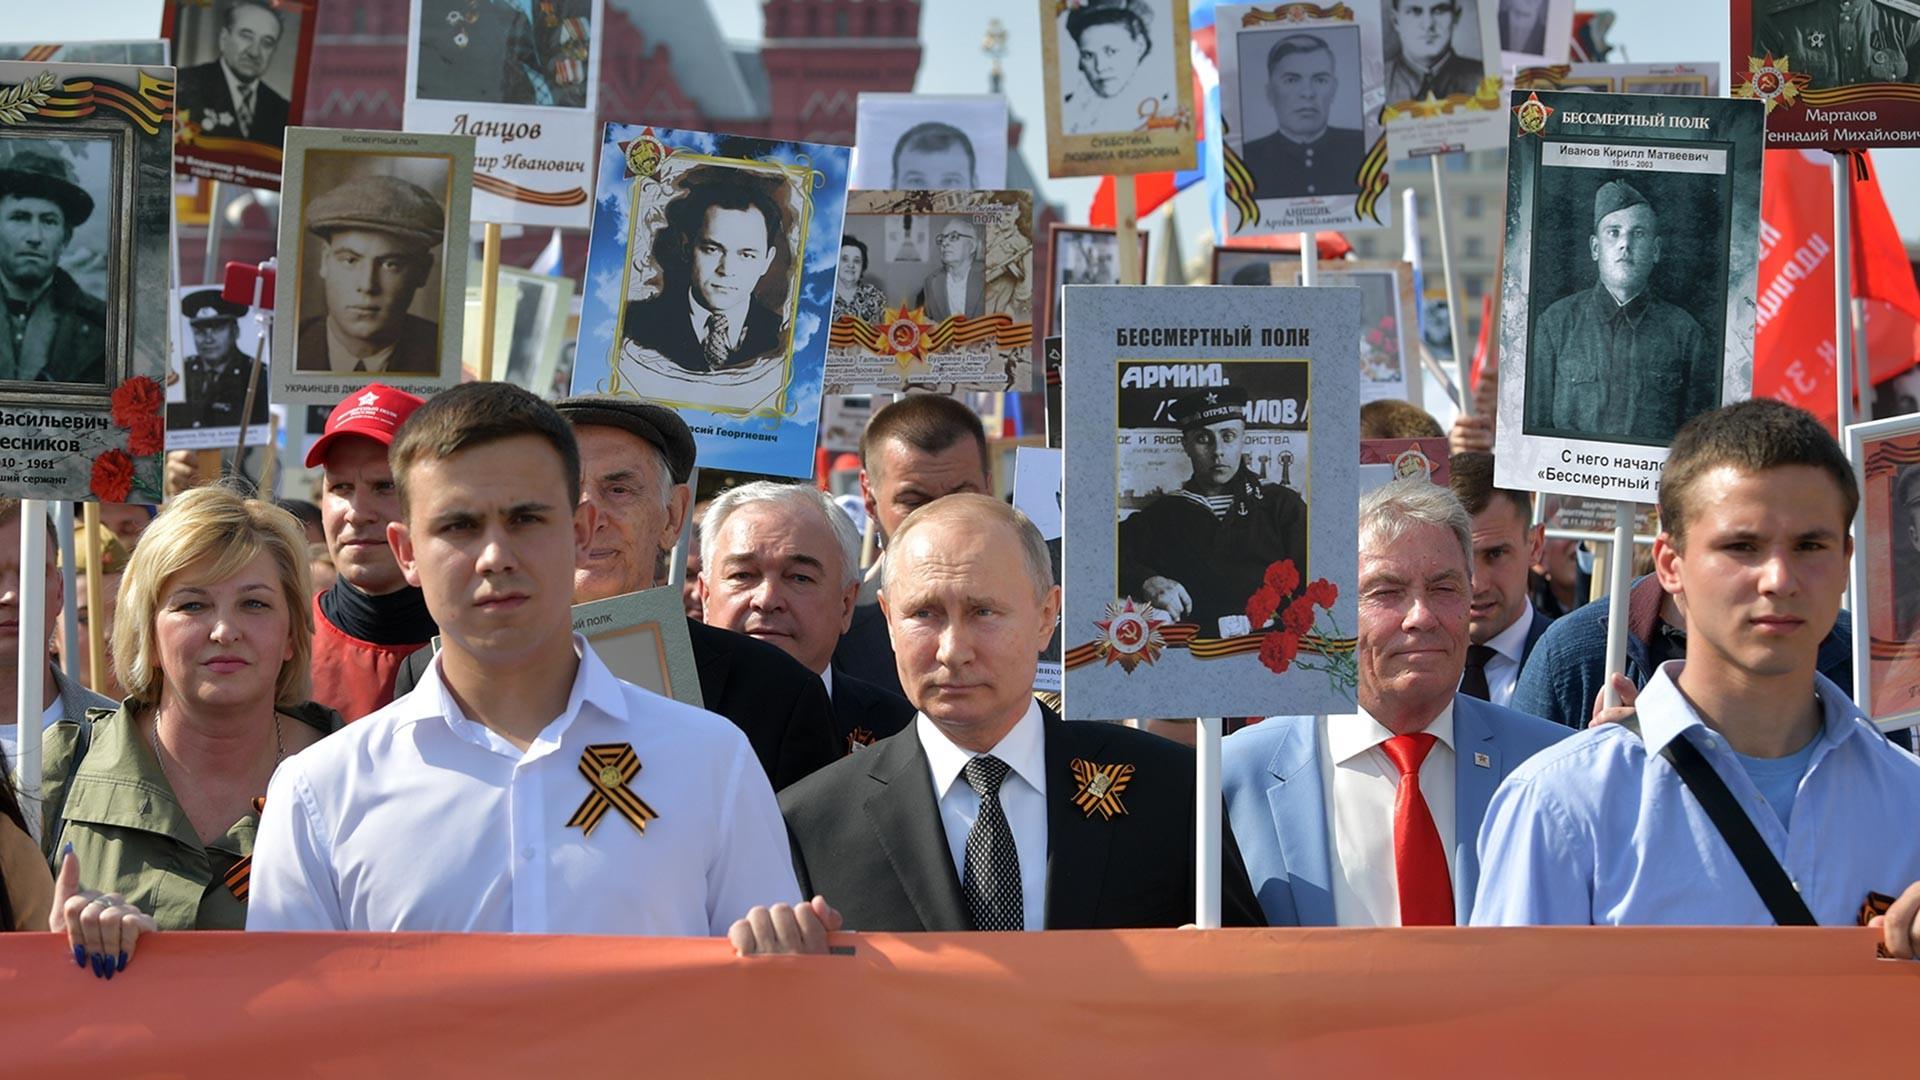 Президентът на Русия Владимир Путин с портрет на своя баща Владимир Спиридонович